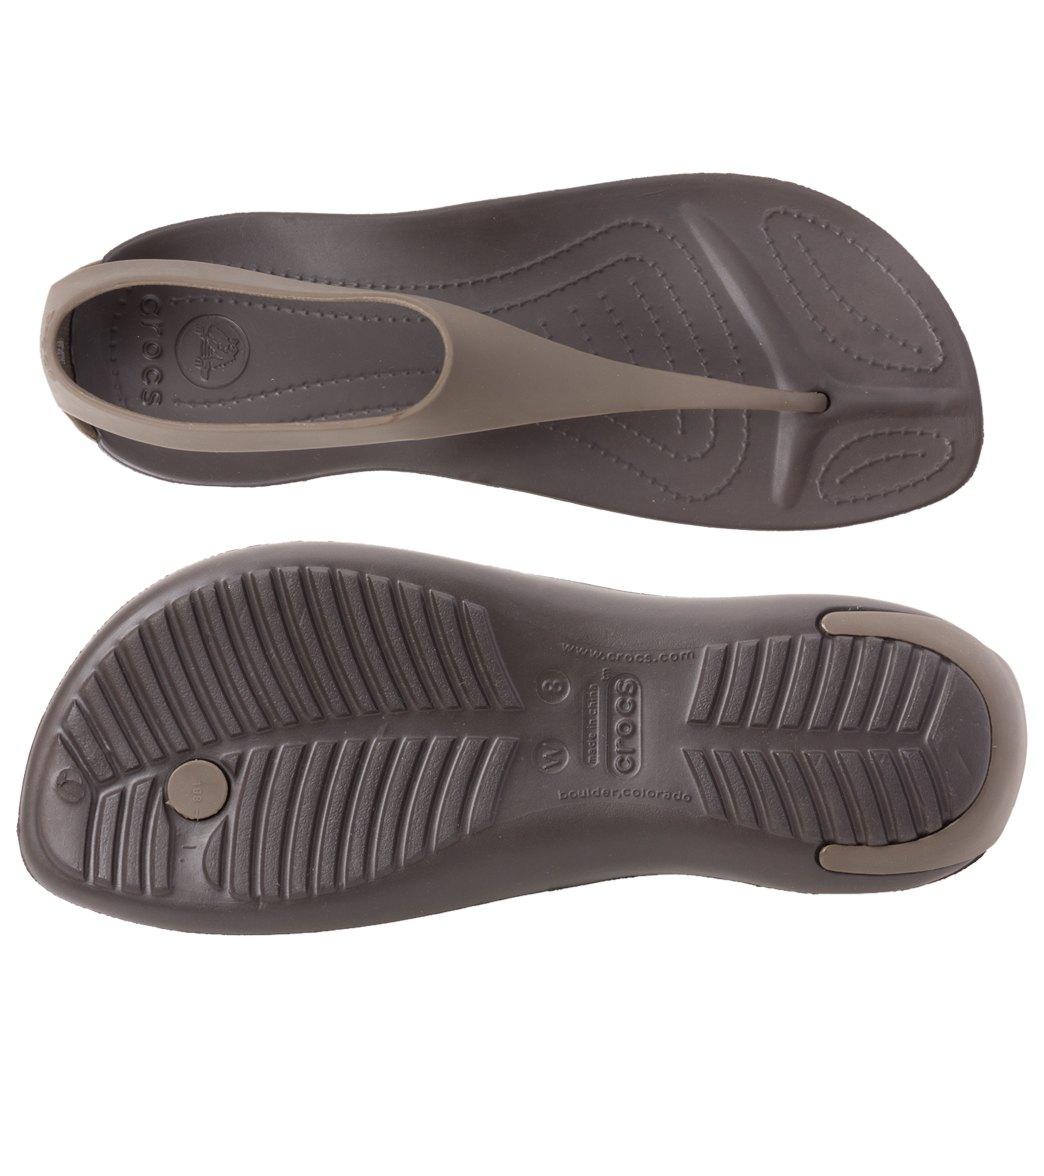 793ac03bc Crocs Women s Sexi Flip Sandal at SwimOutlet.com